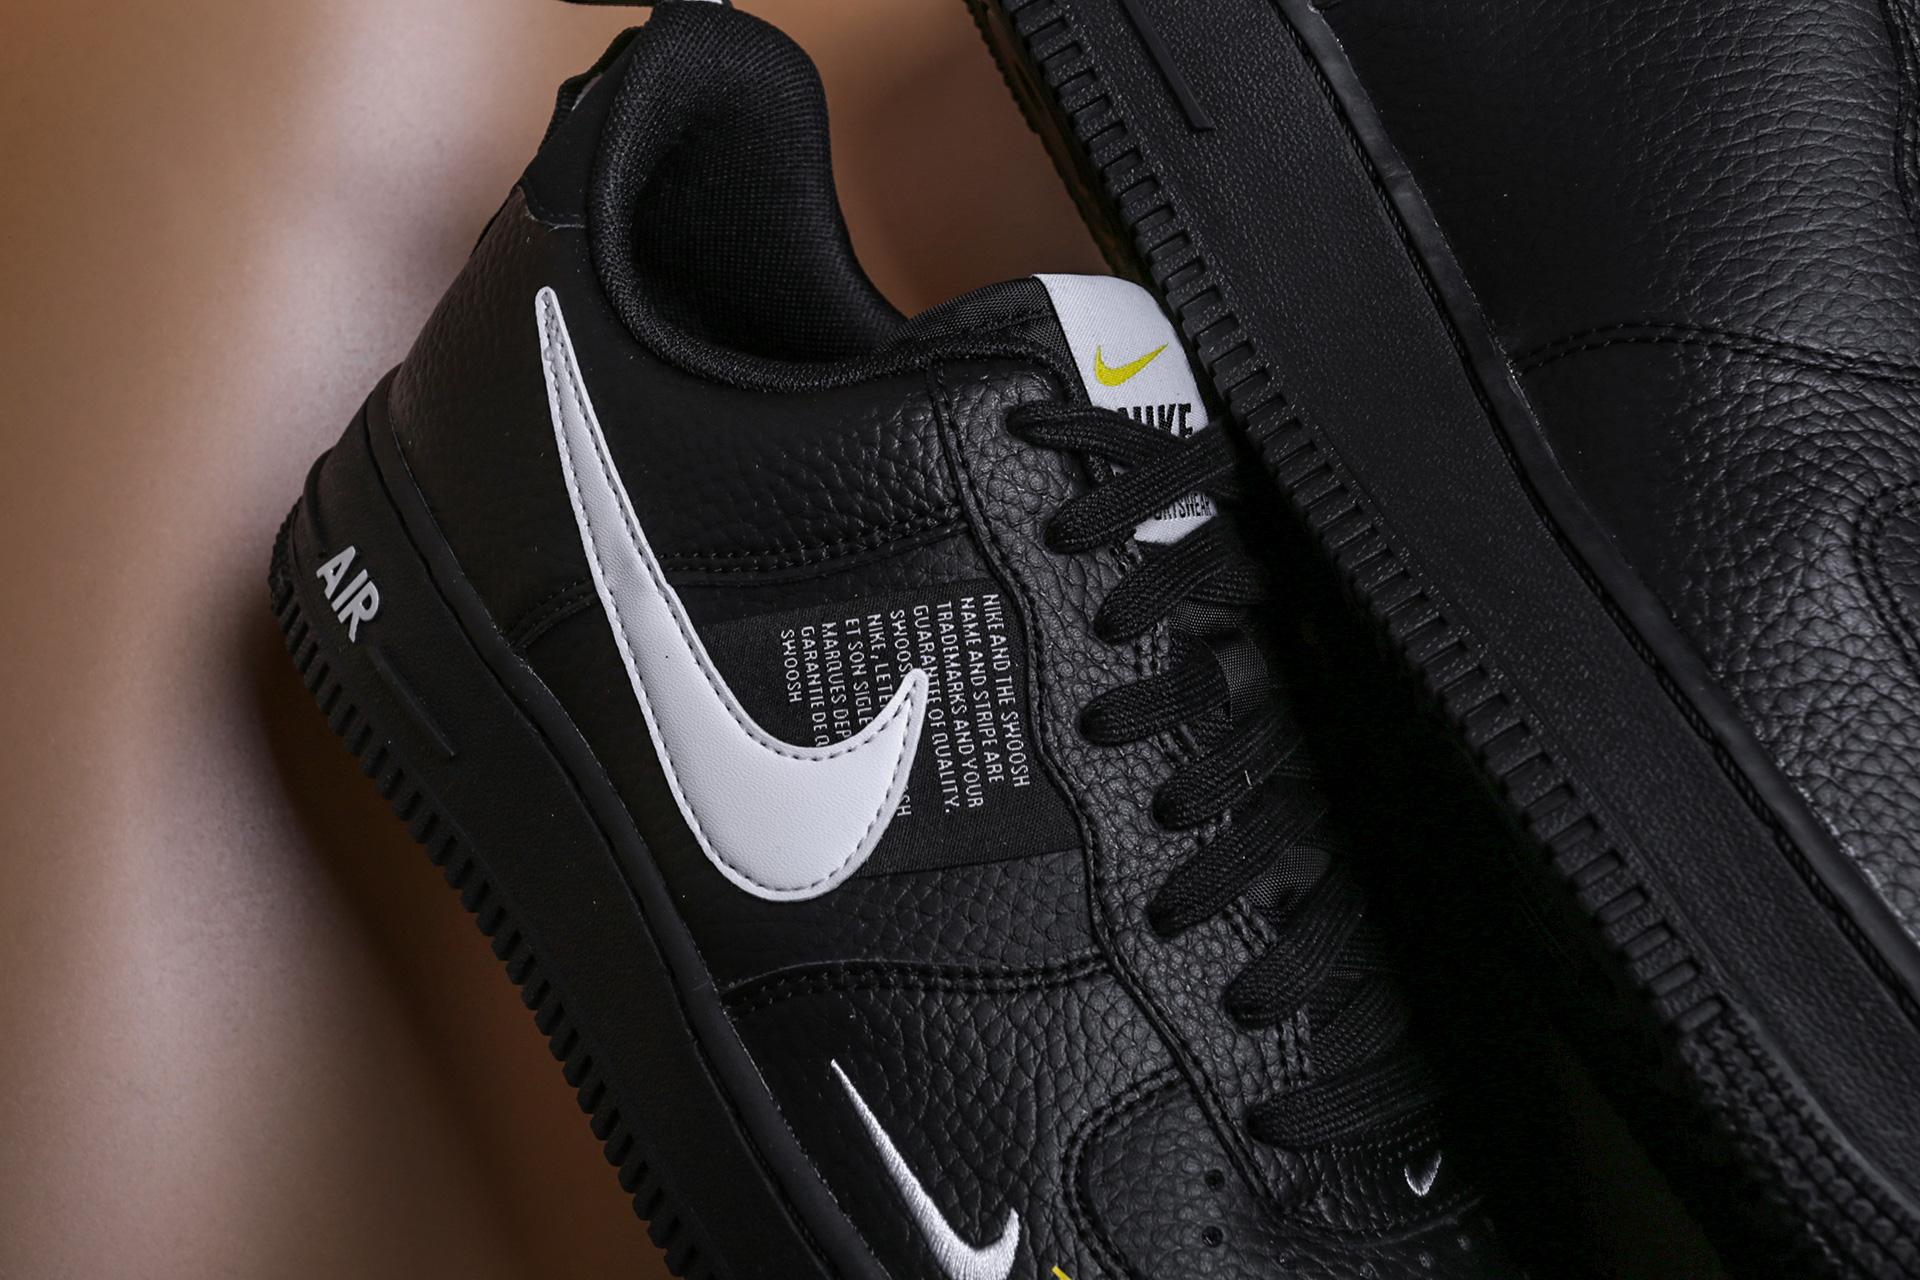 5e57702e ... Купить мужские черные кроссовки Nike Air Force 1 `07 LV8 Utility - фото  5 картинки